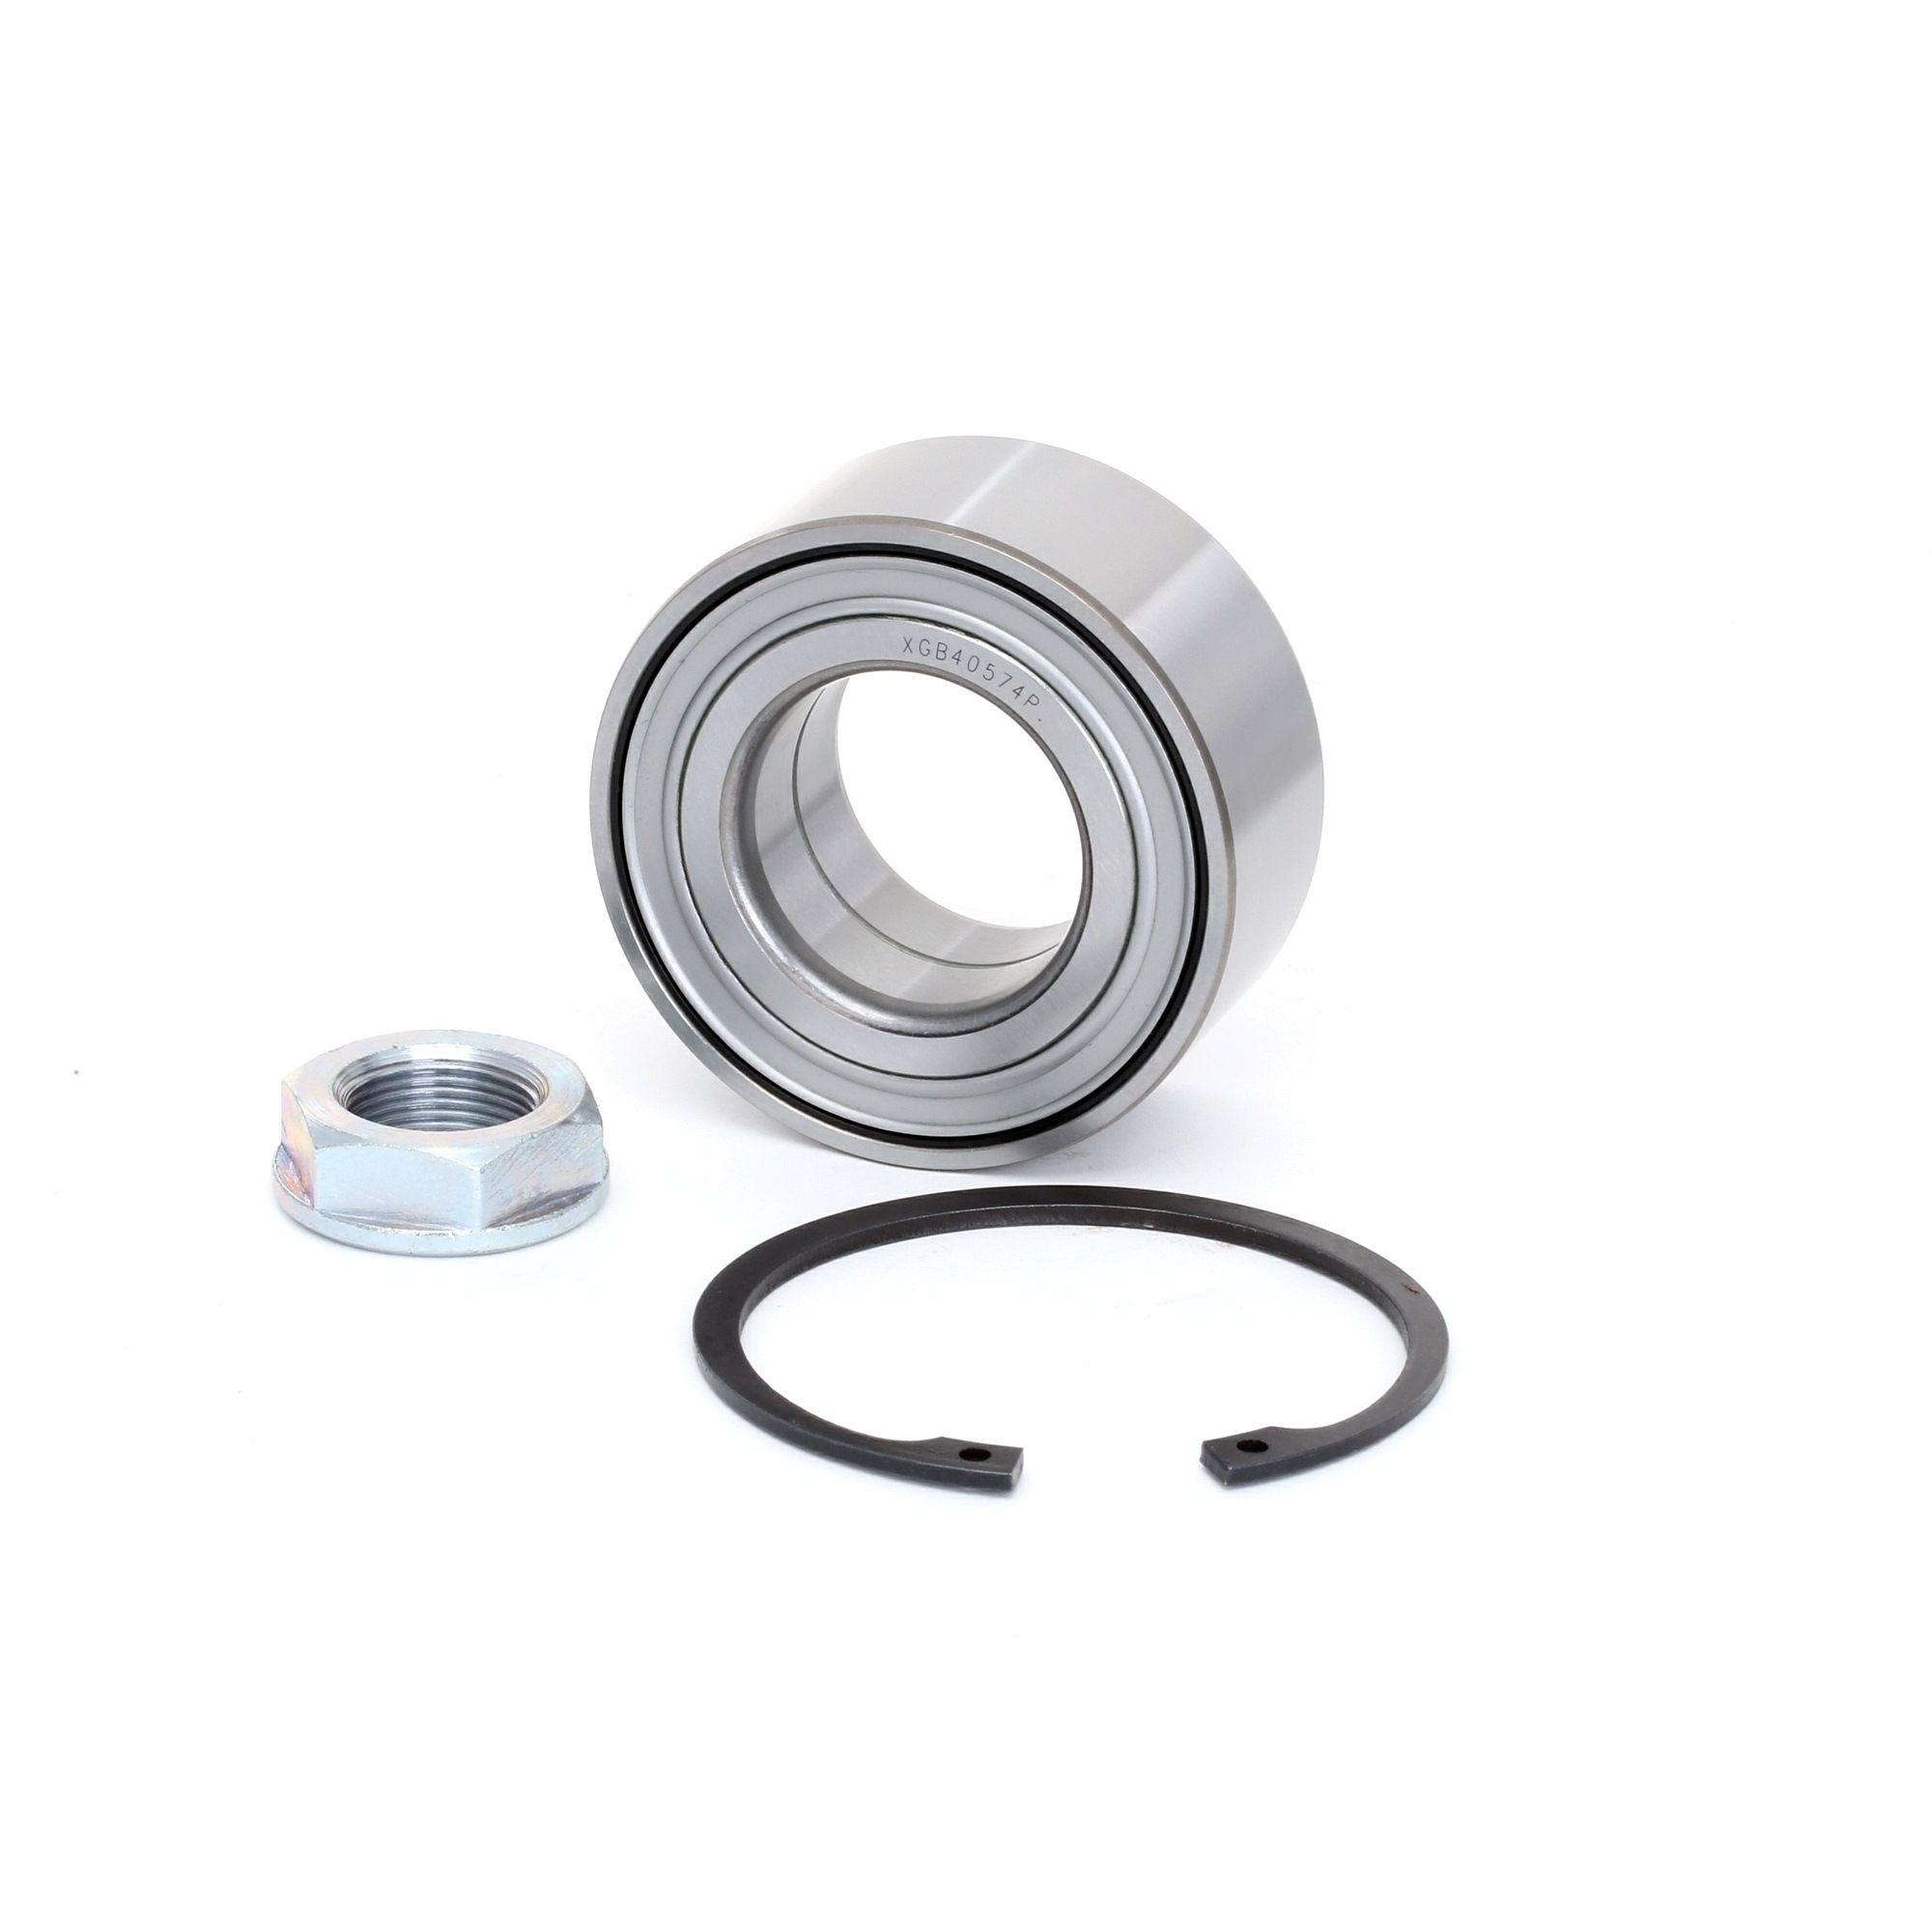 200404 A.B.S. mit integriertem magnetischen Sensorring Ø: 82mm Radlagersatz 200404 kaufen